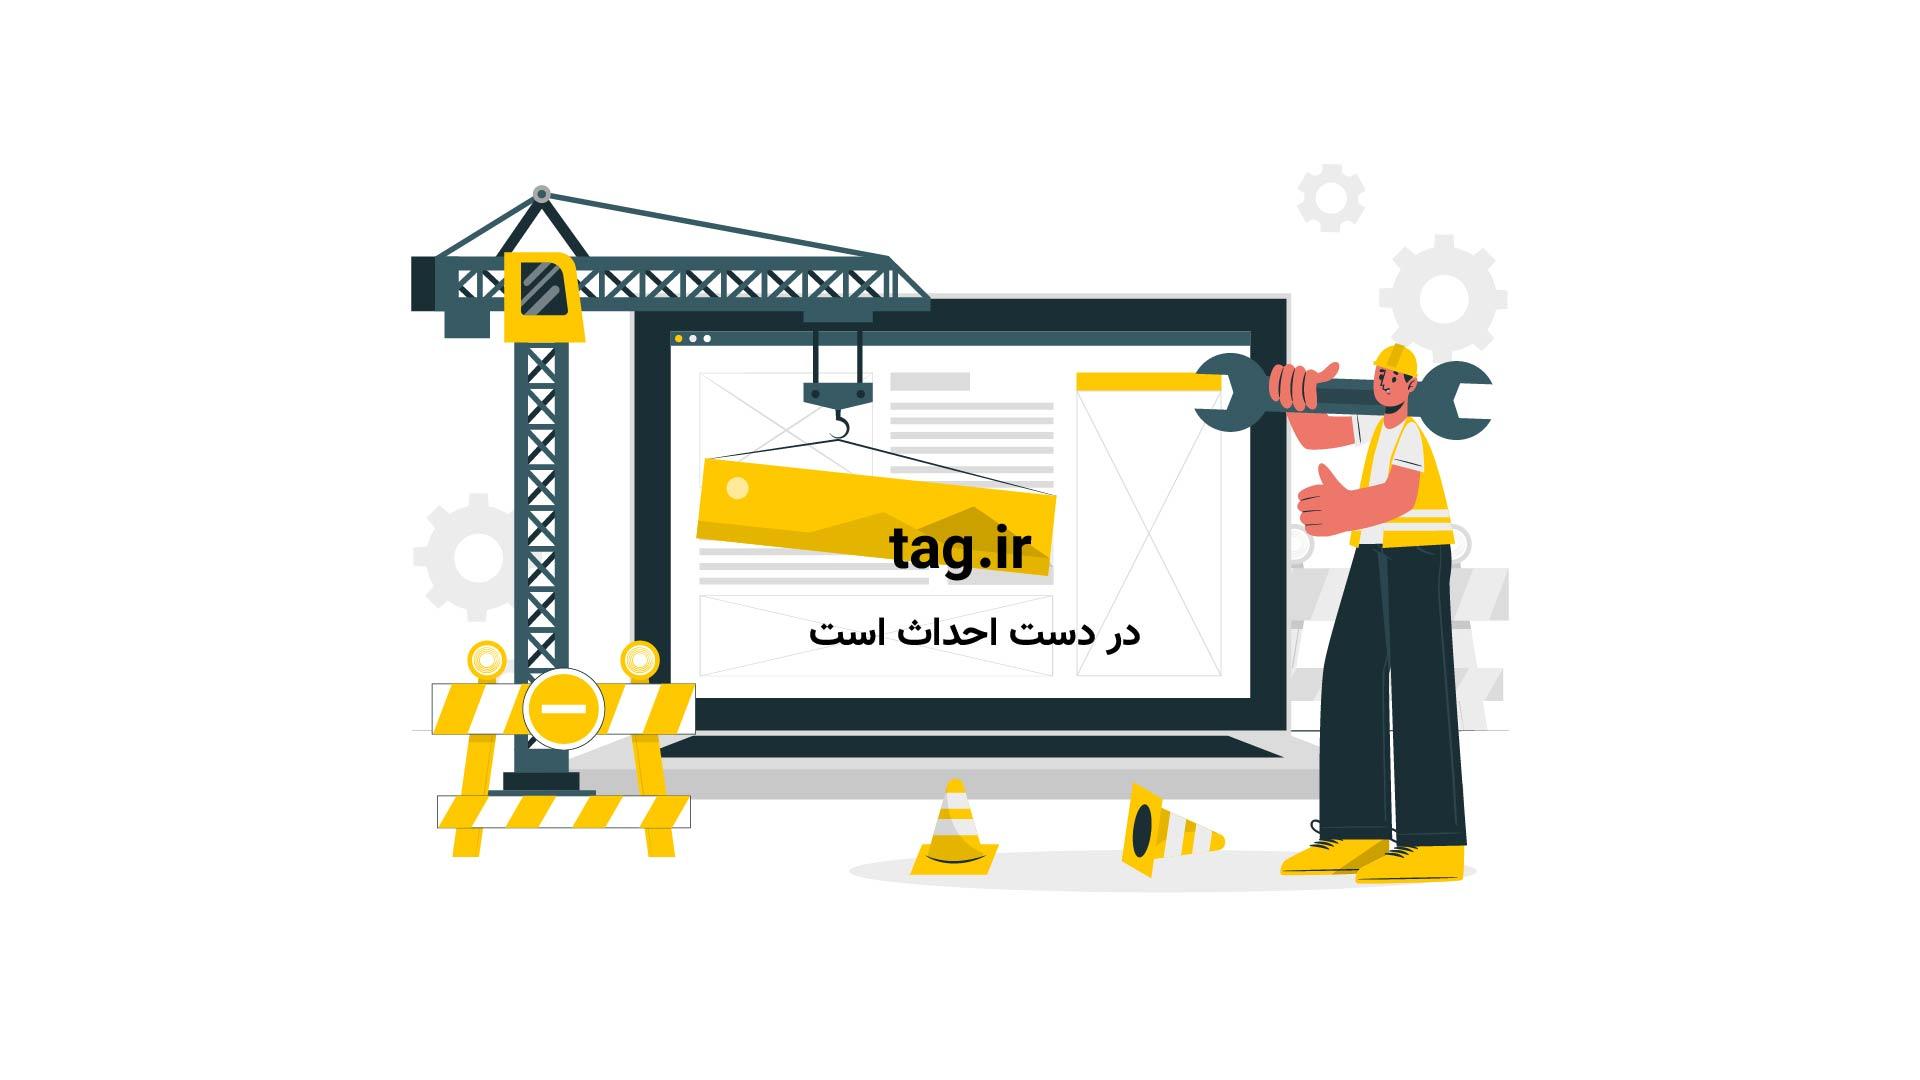 کسب مقام سوم جام جهانی فوتسال ۲۰۱۶ توسط تیم ملی فوتسال ایران + فیلم